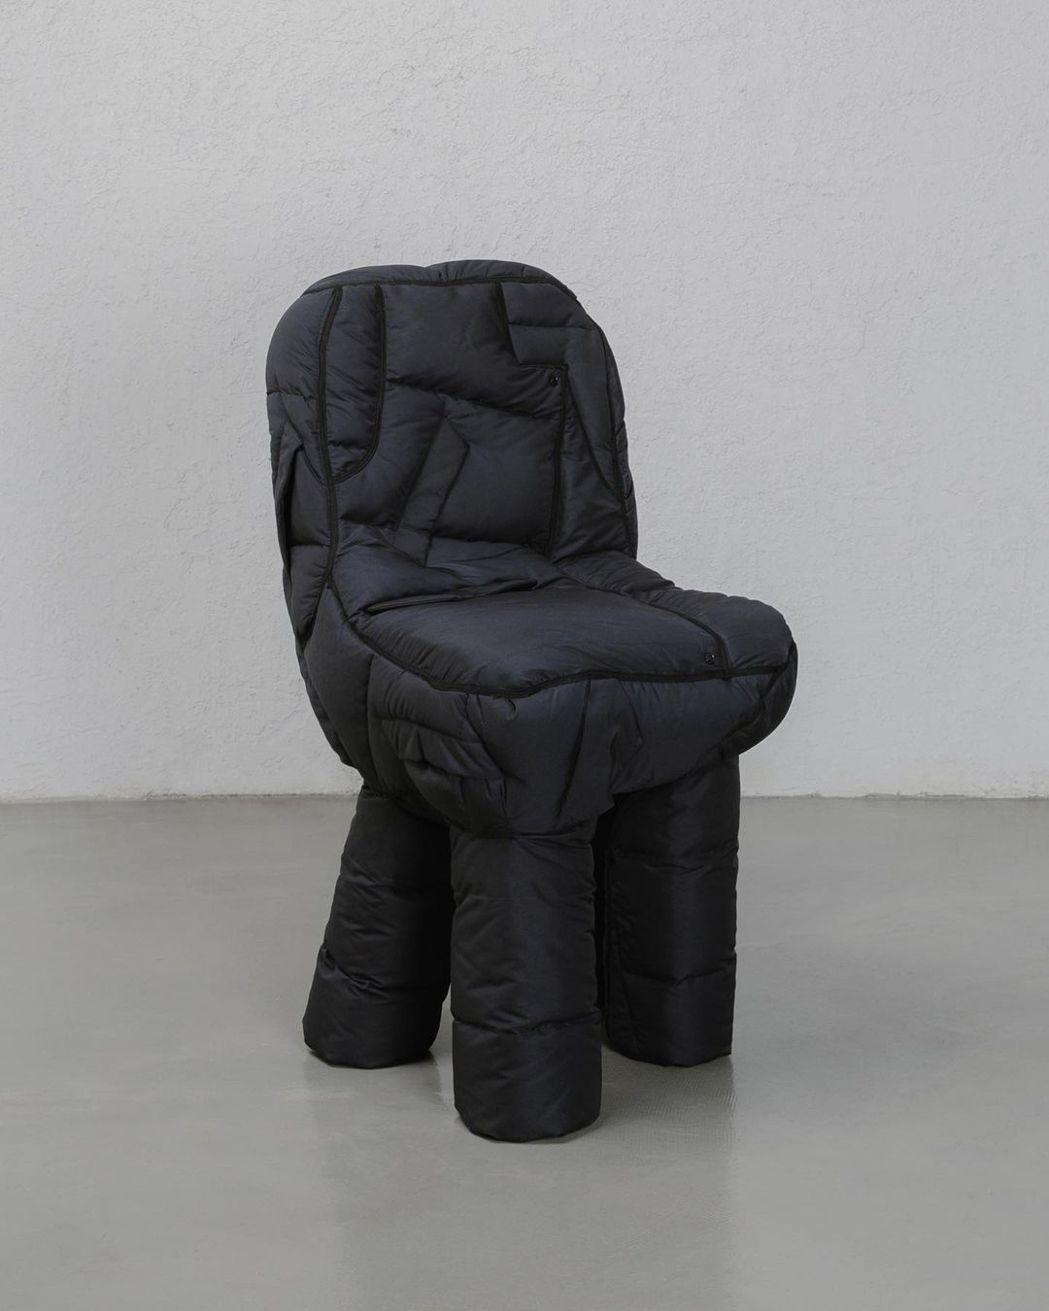 羽絨外套款沙發,耐髒汙且坐起來相對舒適。圖/Jinyeong Yeon